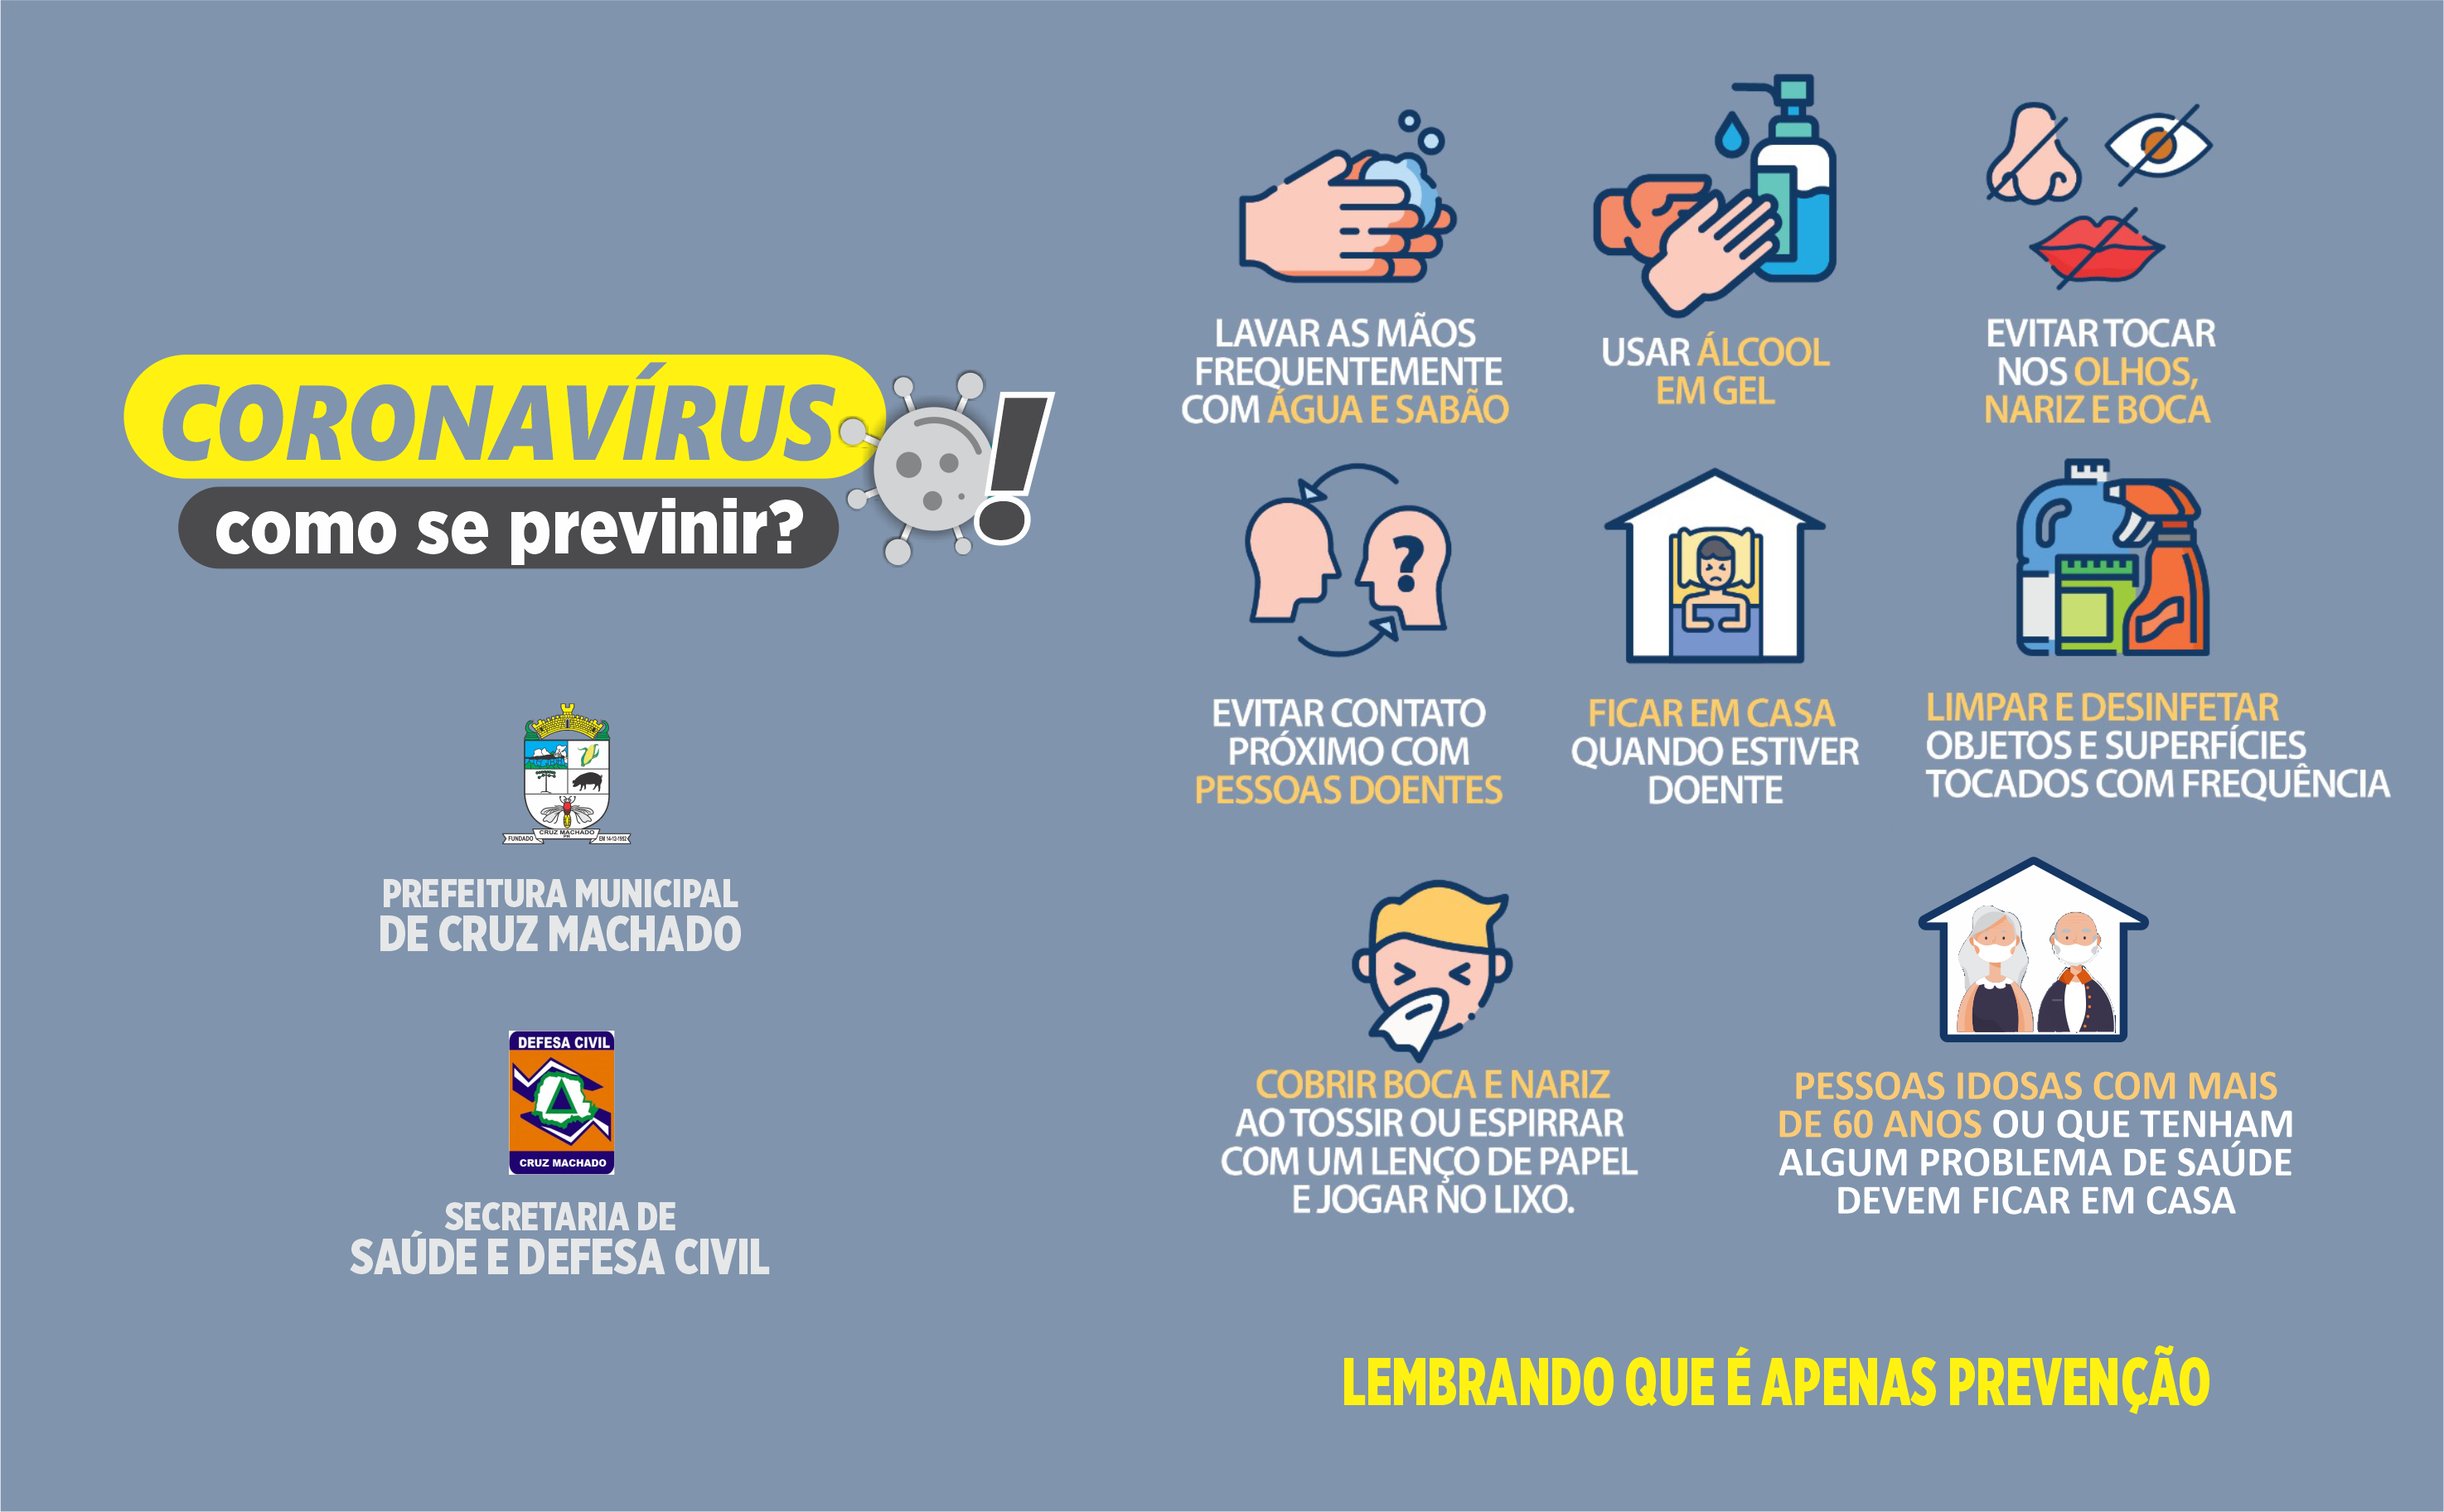 coronavirus como se previnir